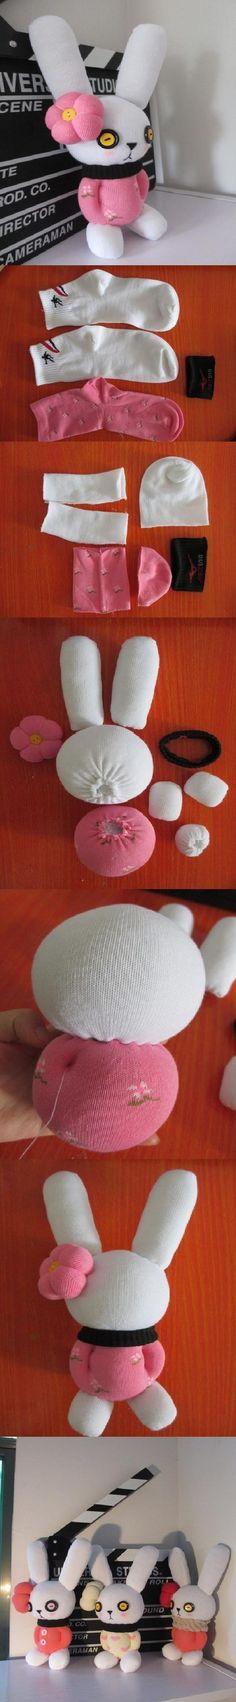 DIY Cute Little Sock Bunny DIY Cute Little Sock Bunny by diyforever